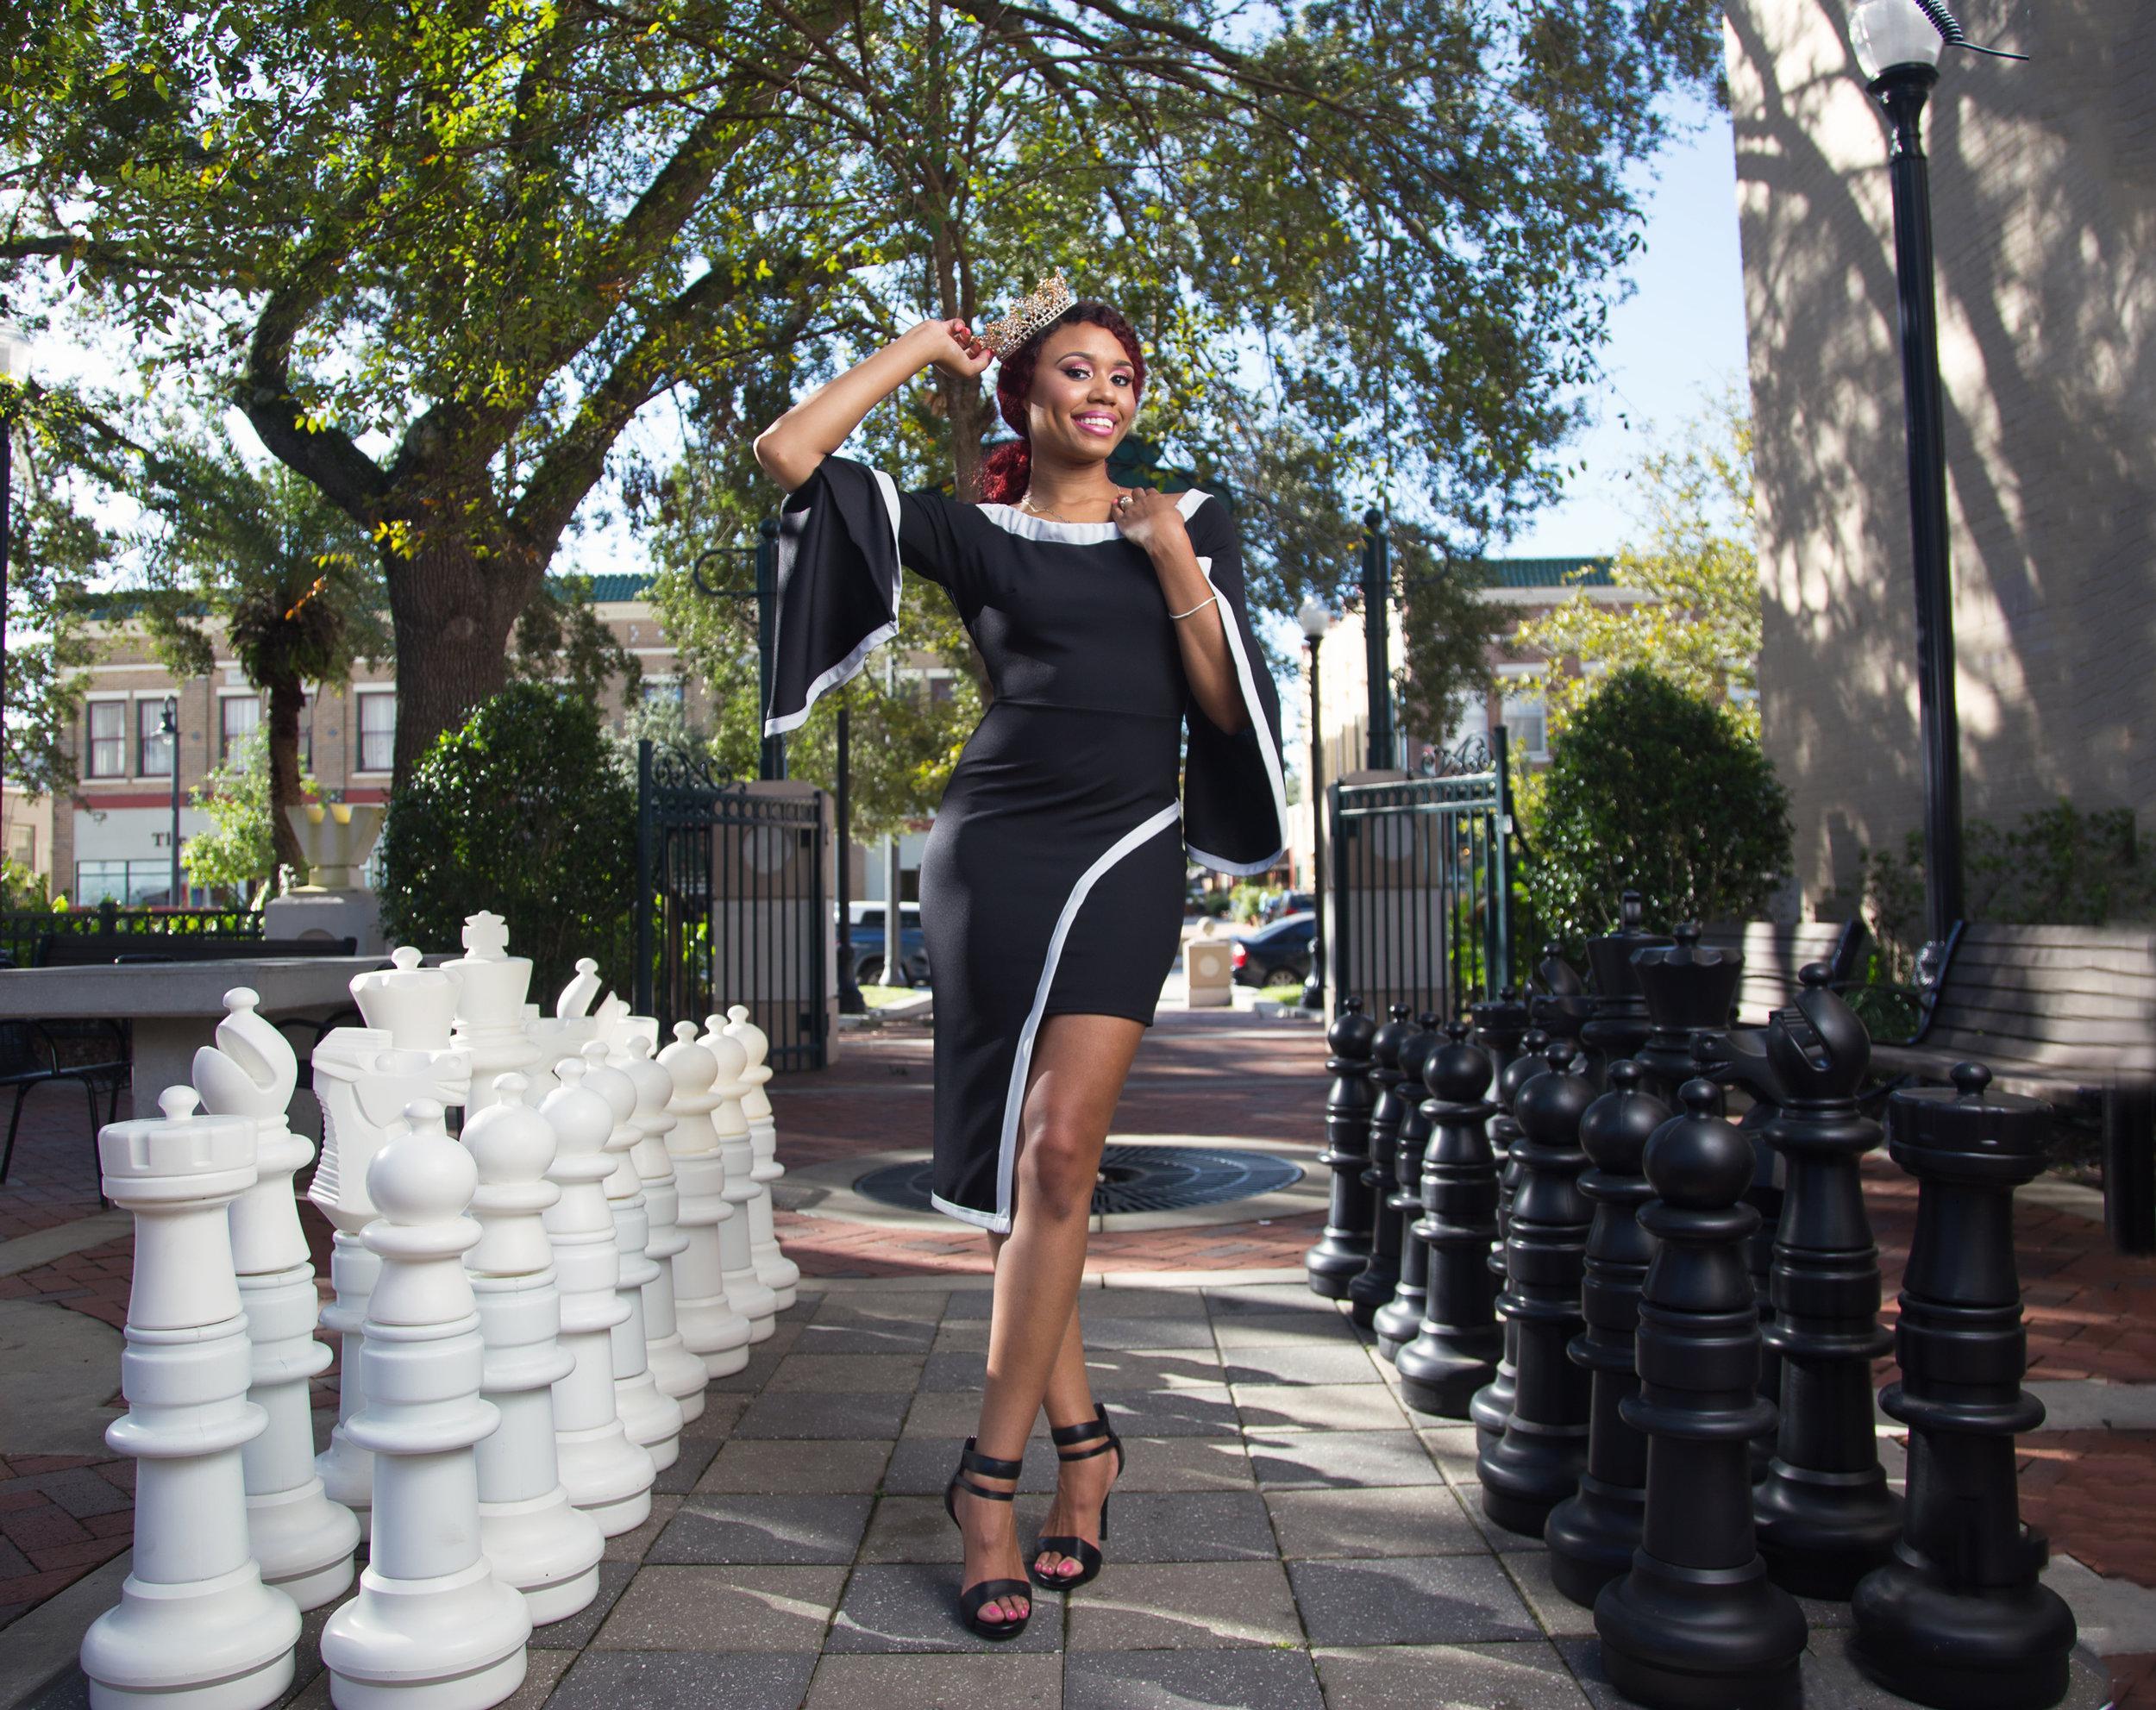 chess-photo-shoot-chamber-photography-birthday-1.jpg